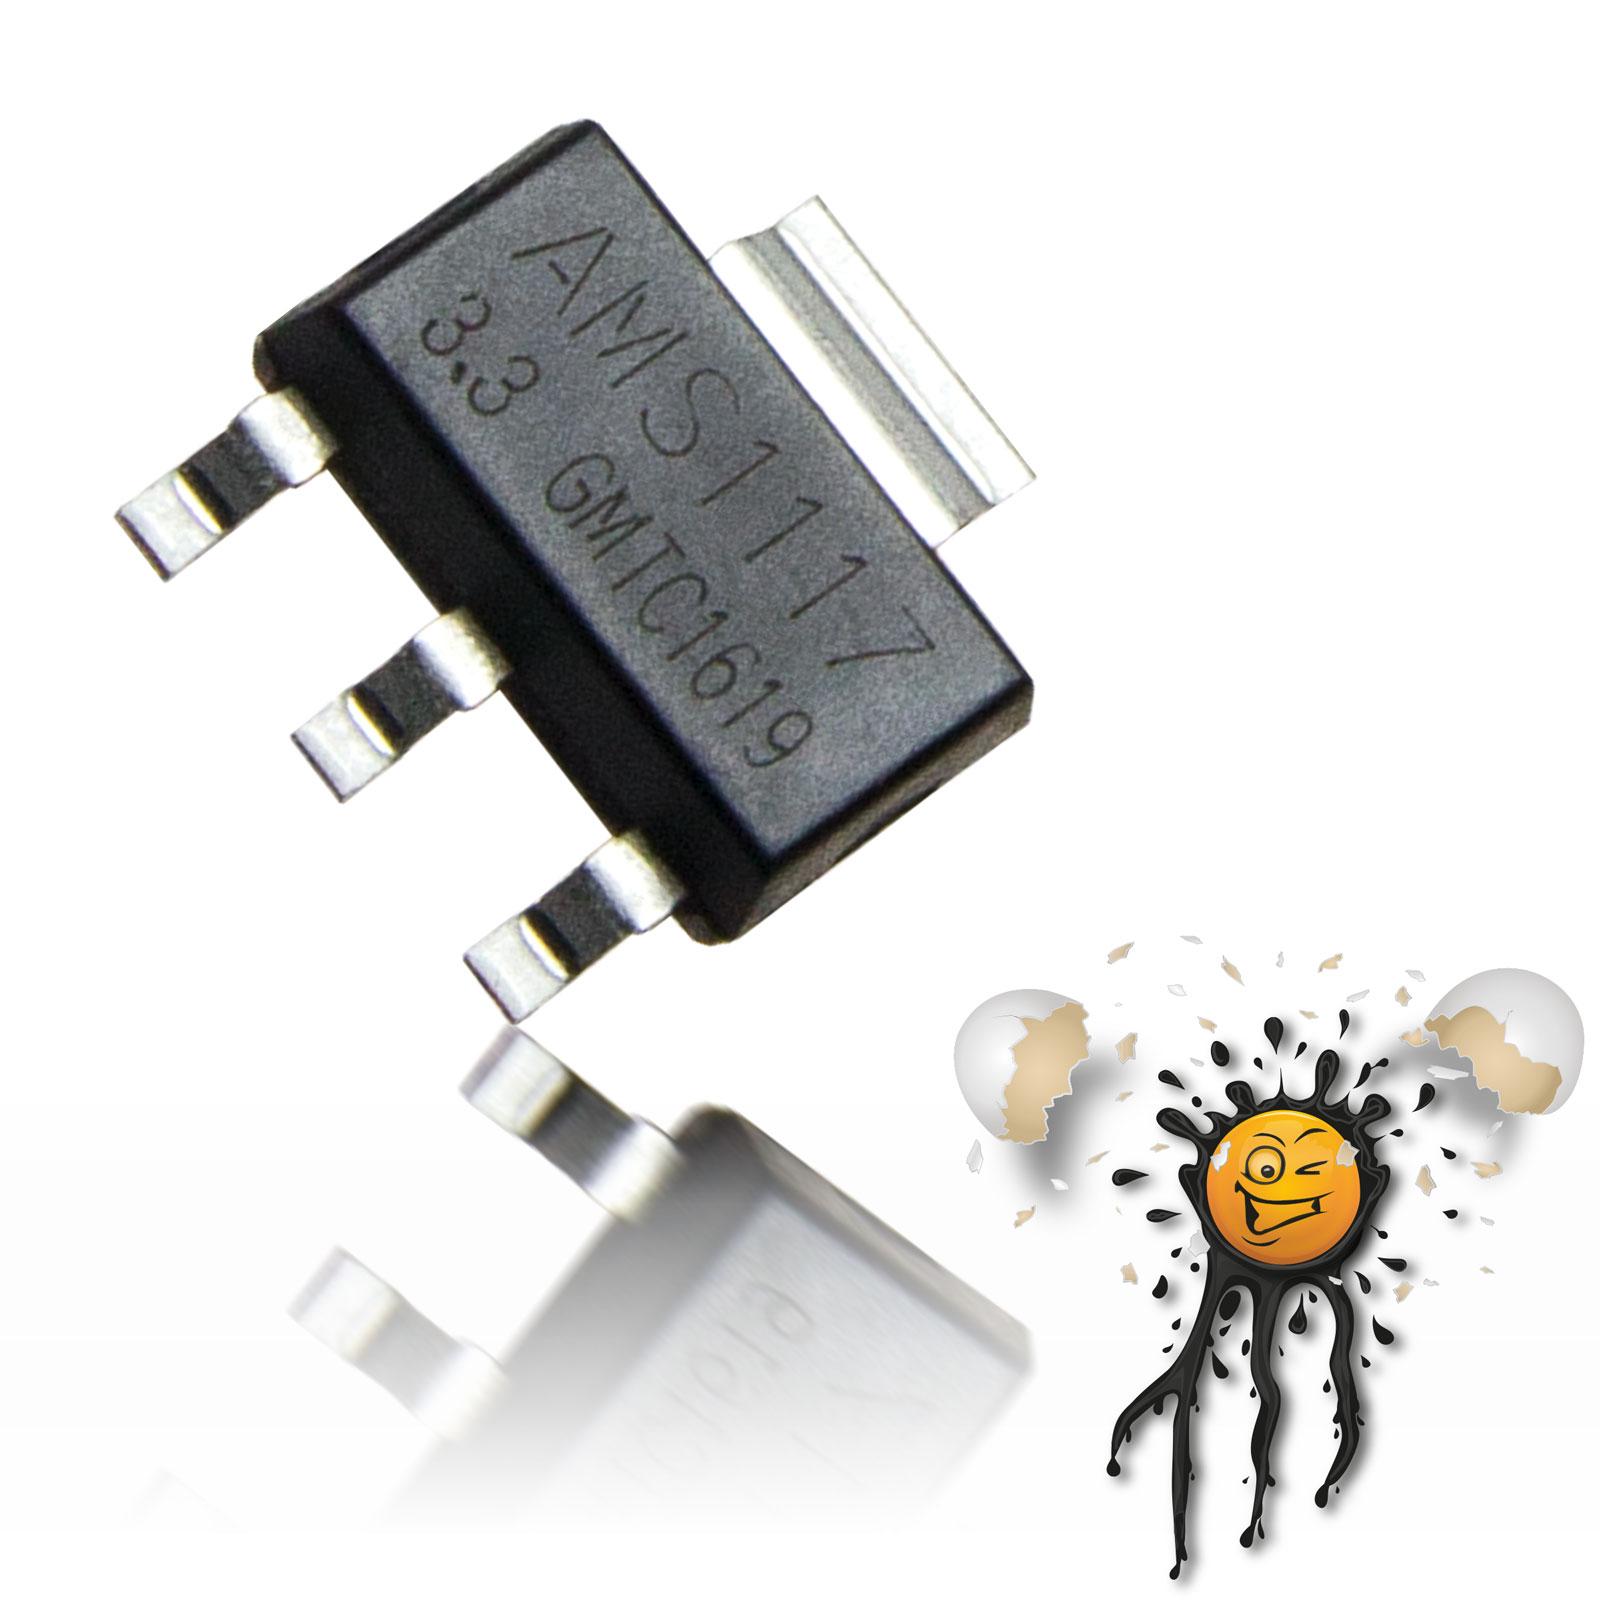 AMS1117 3.3V Volatge Regulator